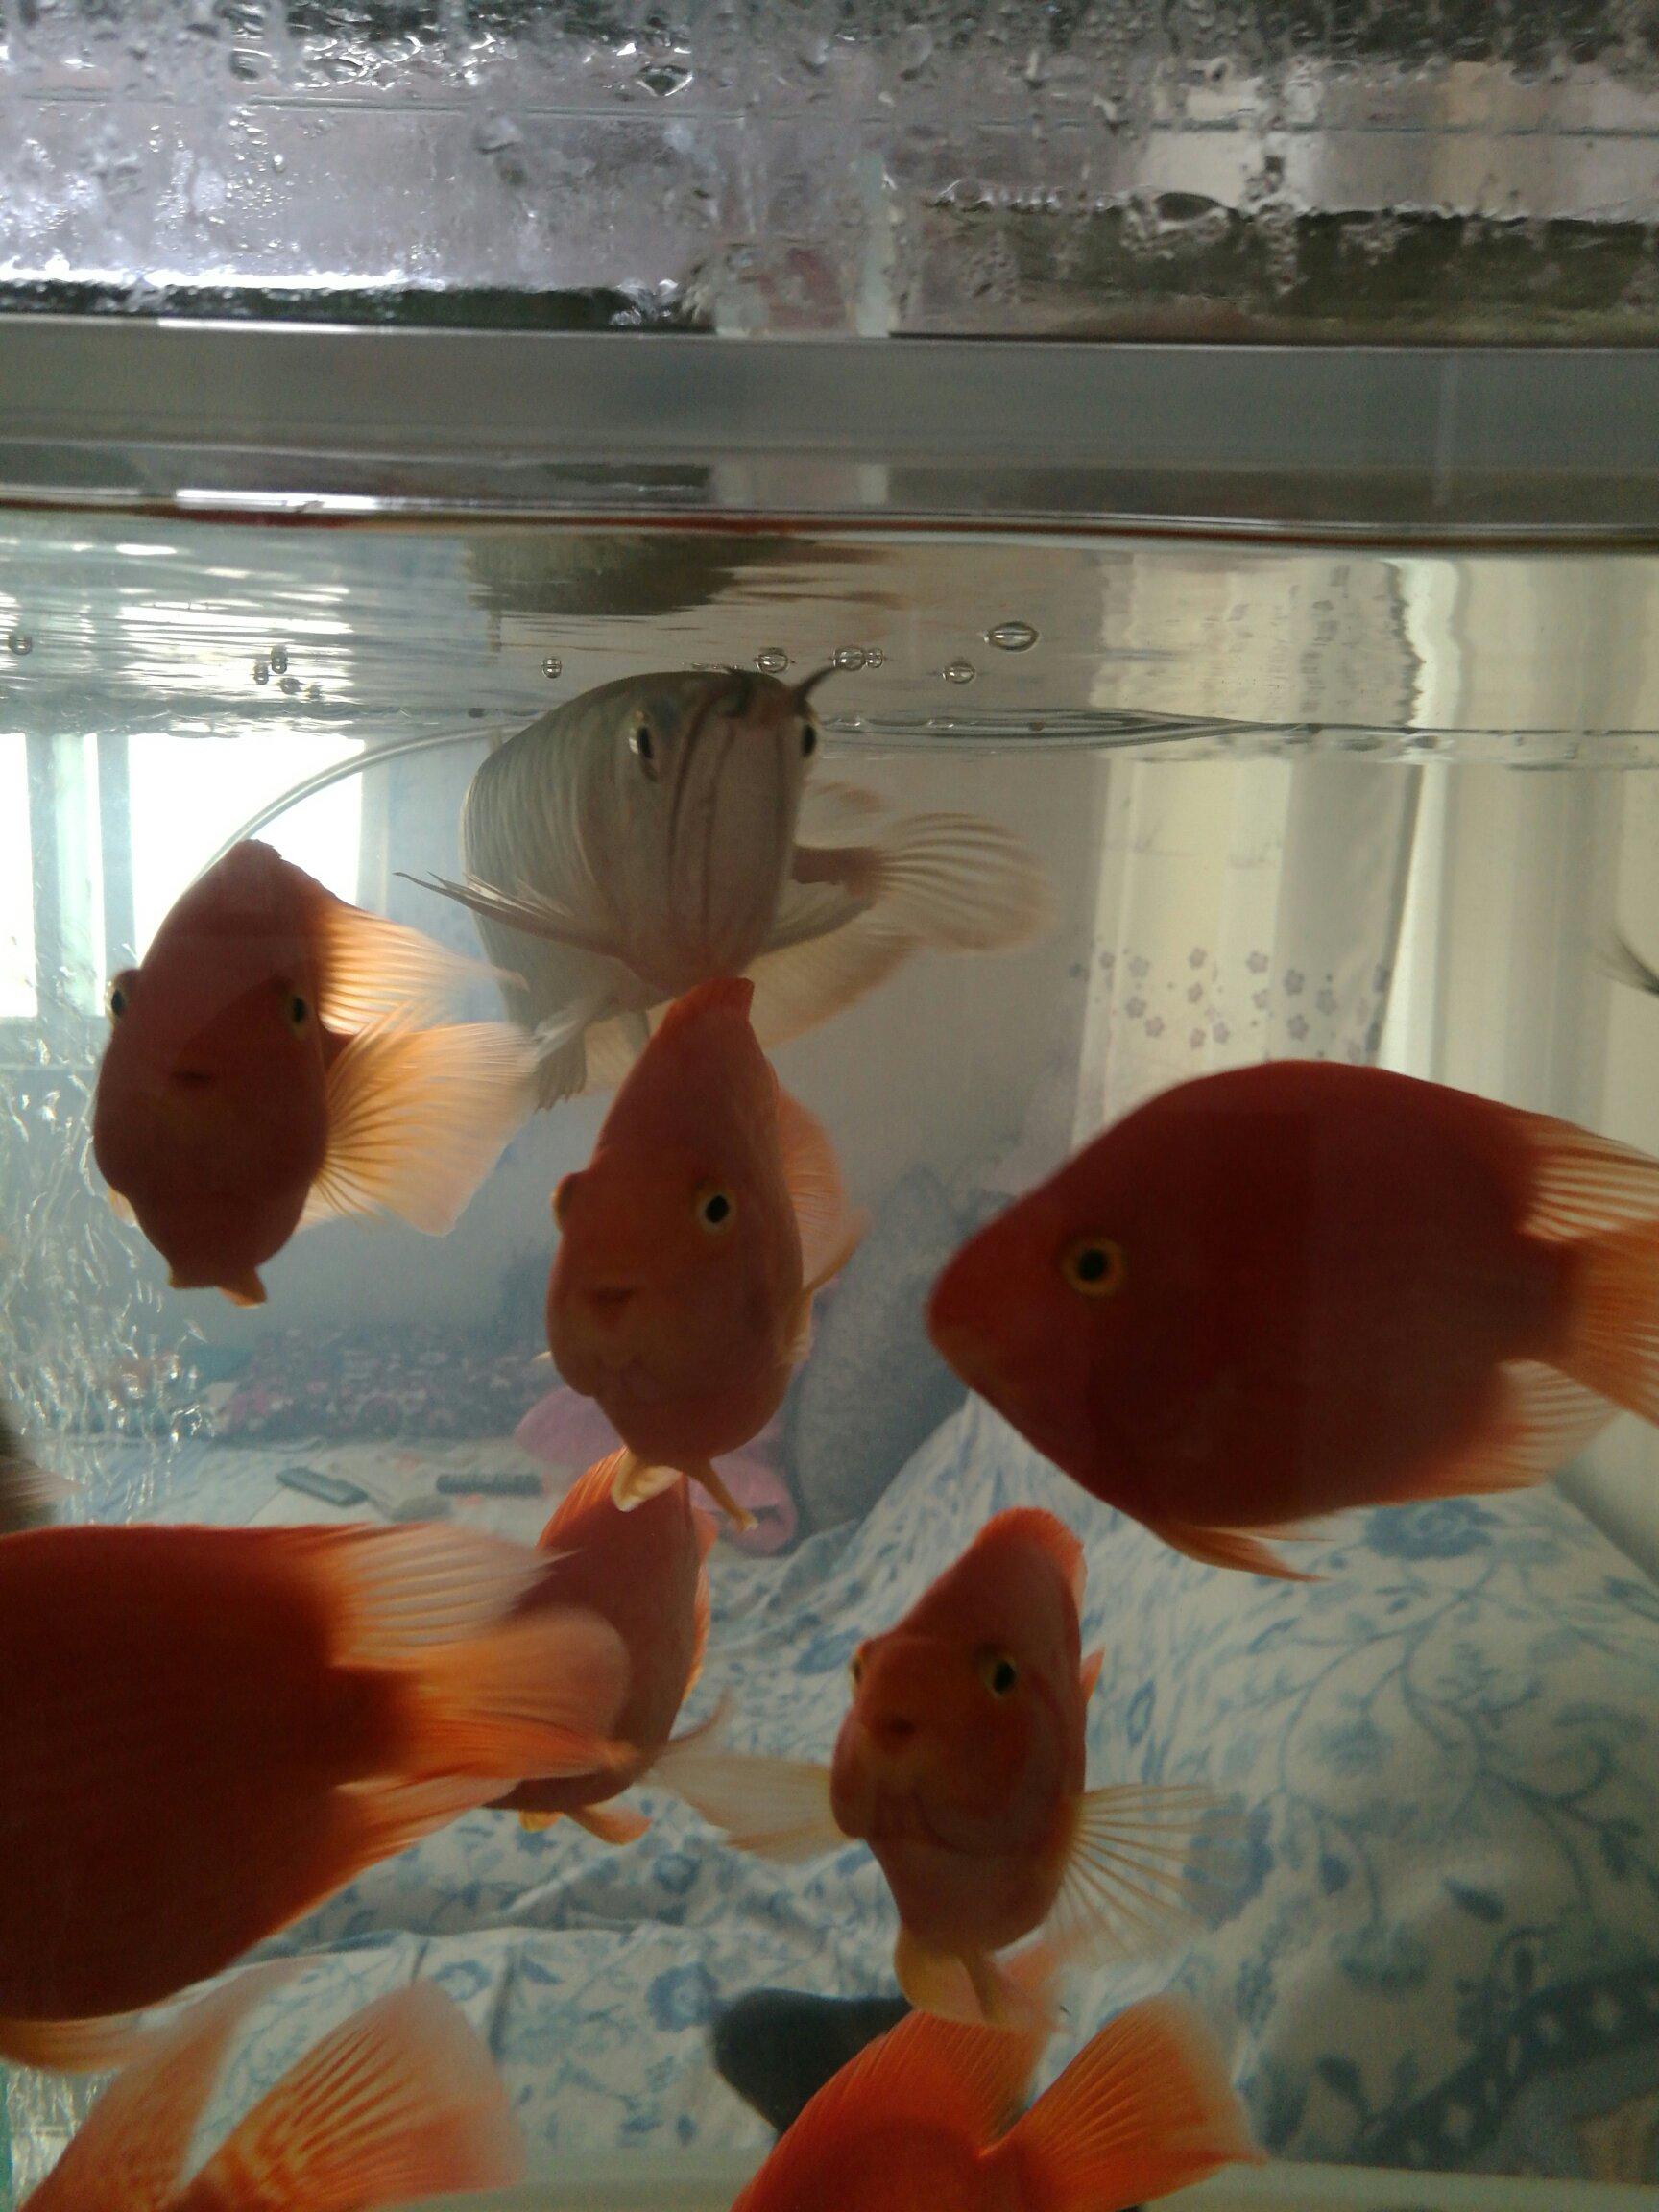 【西安三纹虎】鱼半年 西安龙鱼论坛 西安博特第8张